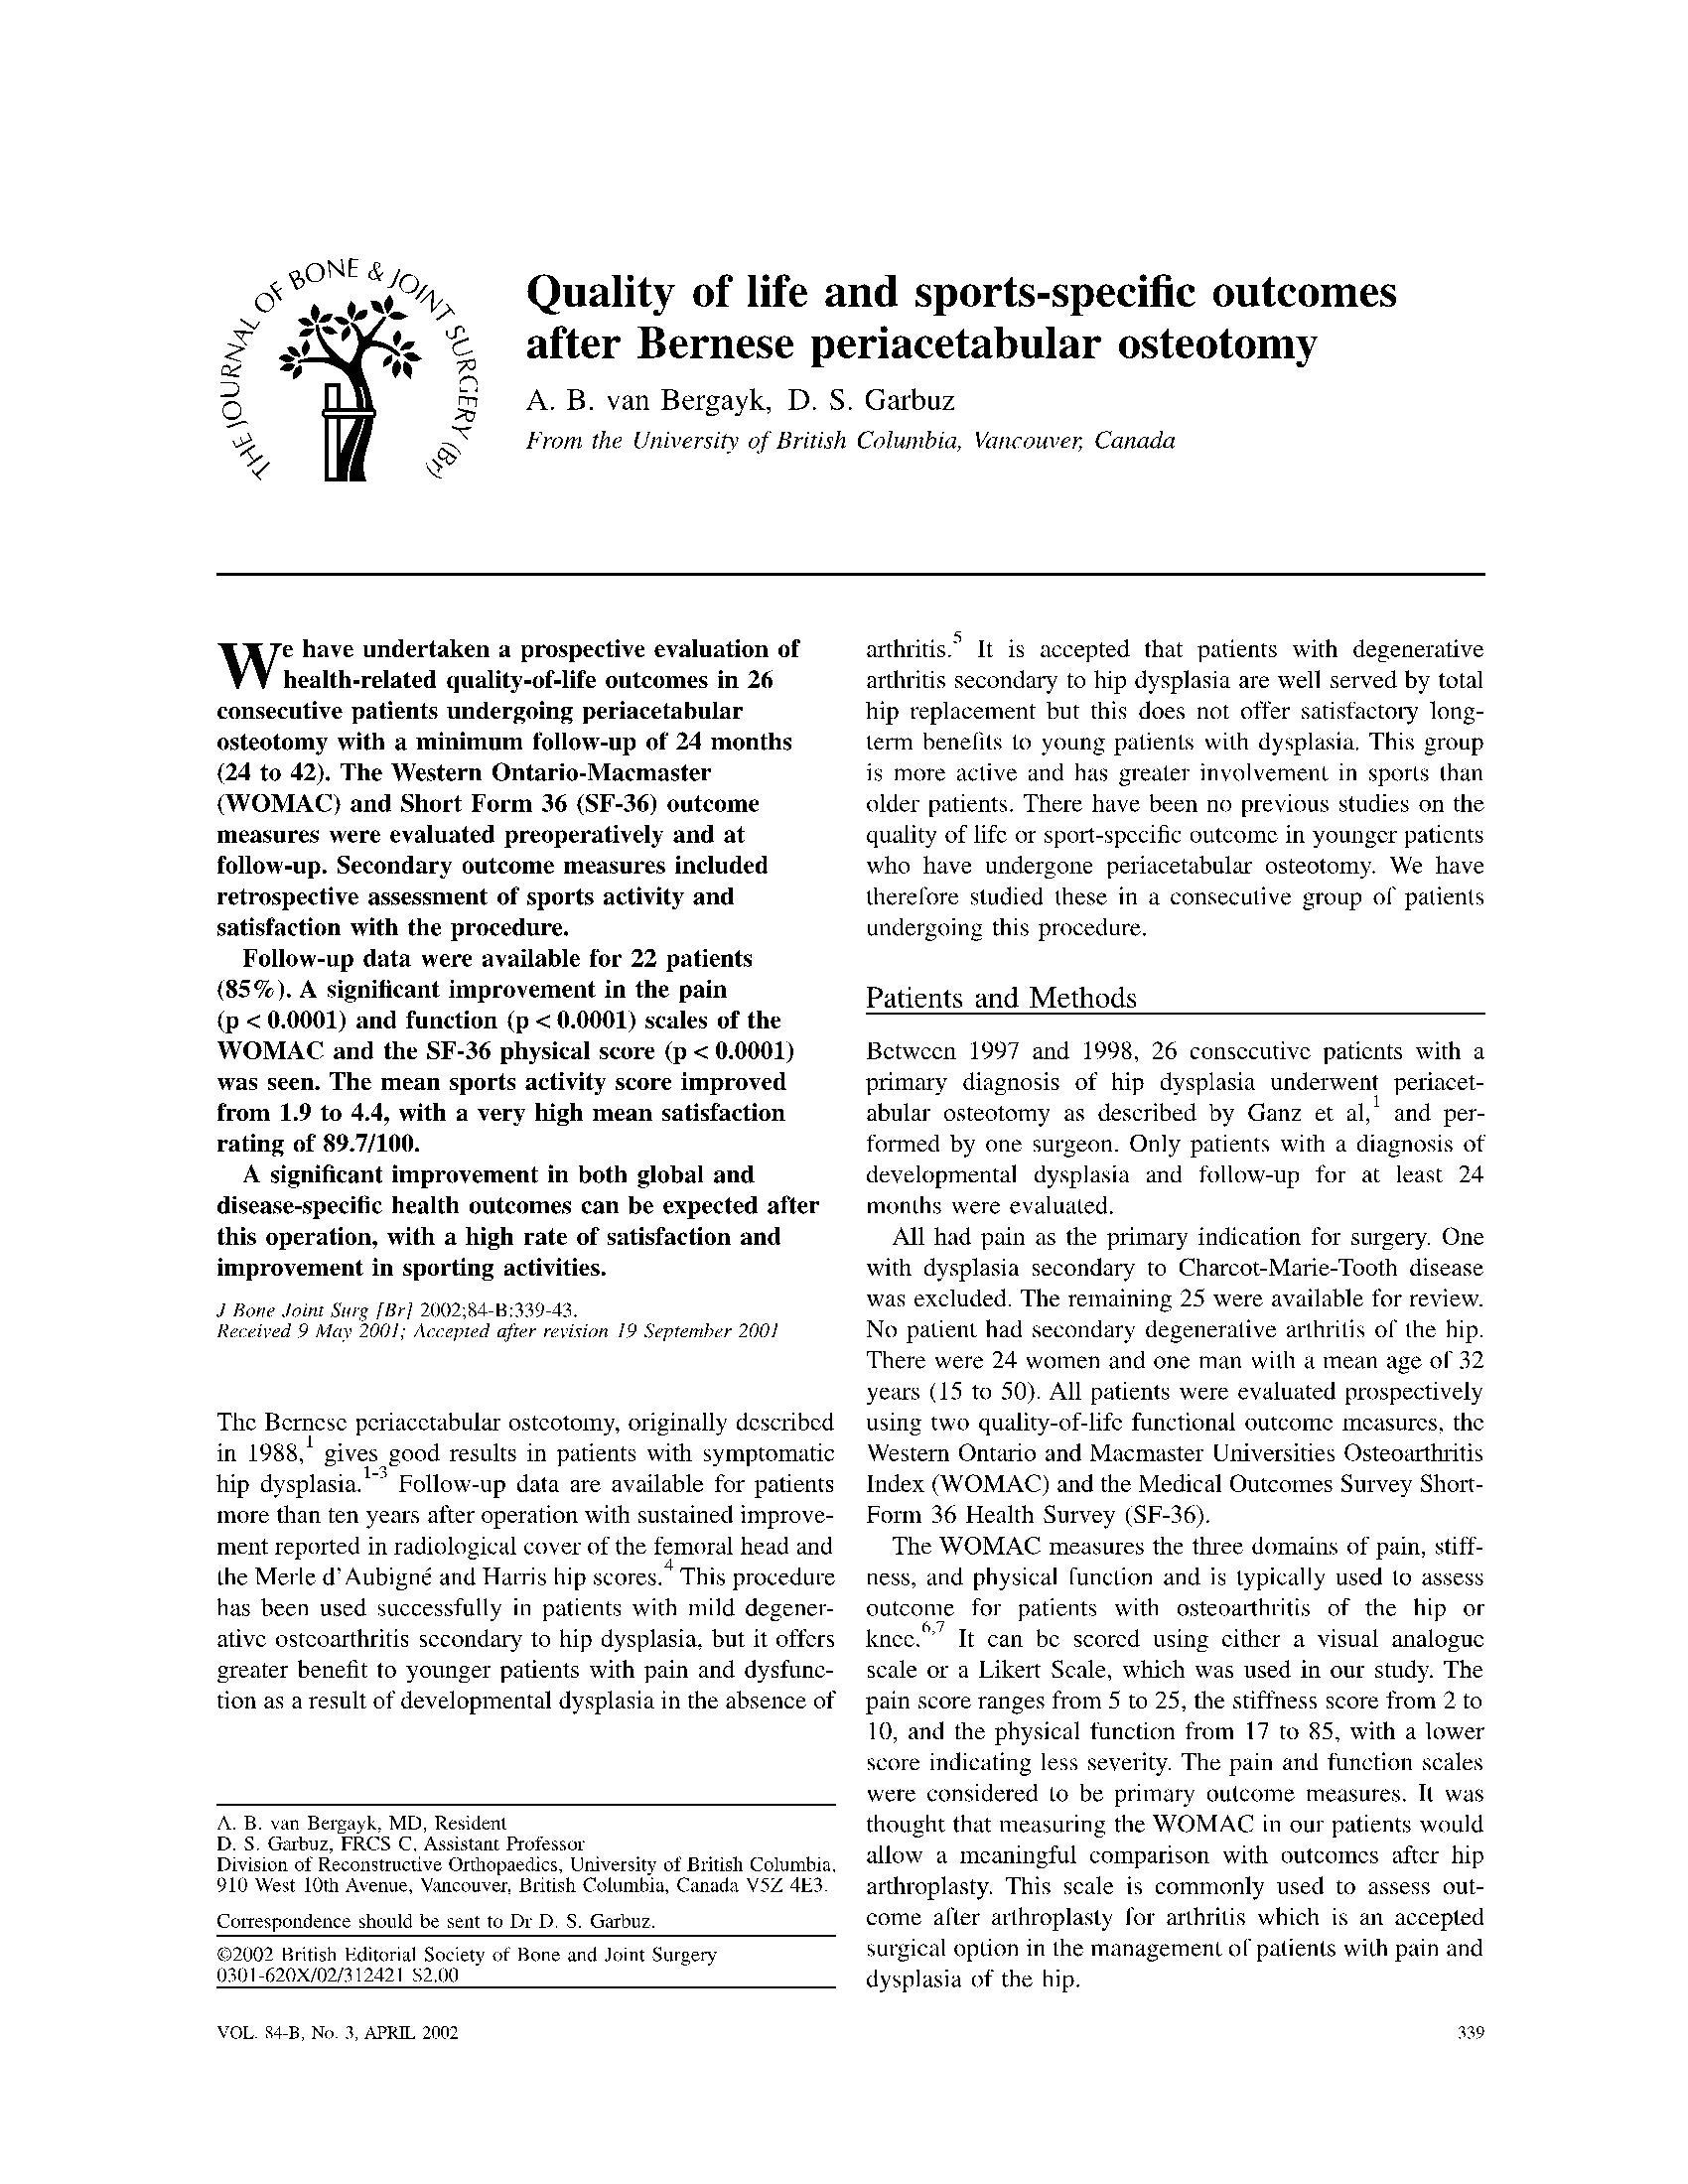 نتیجه کیفیت زندگی و شاخصه های ورزشی پس از جراحی پریکاردیت استخوان مفصلی Quality of life and sports-specific outcomes after Bernese periacetabular osteotomy